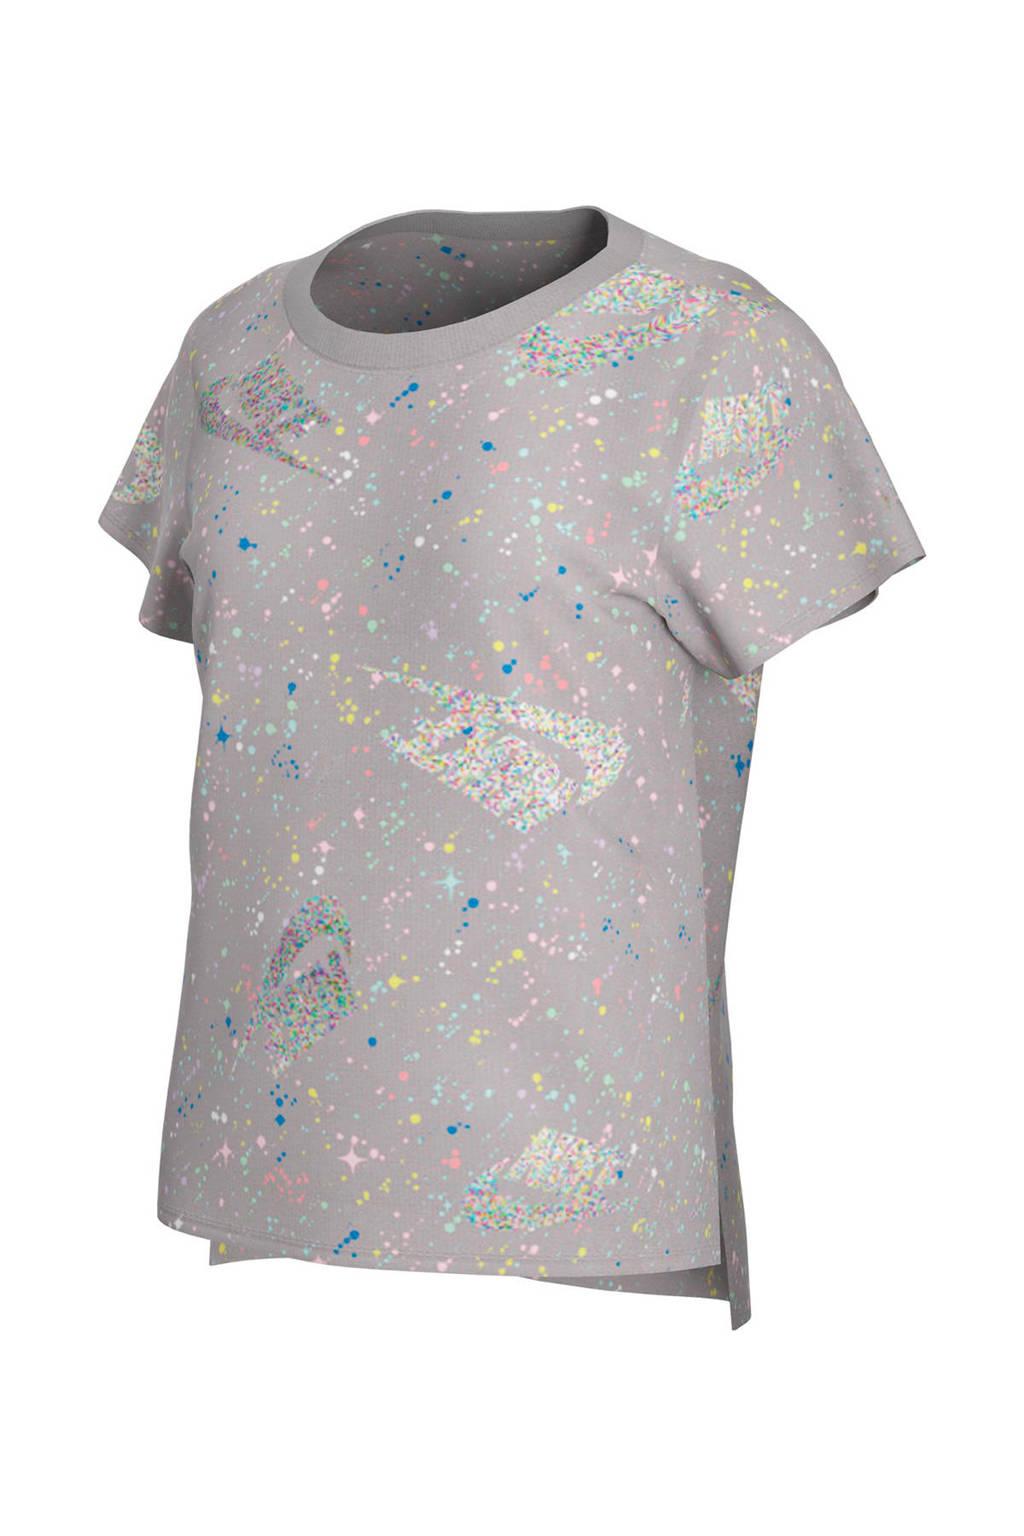 Nike T-shirt grijs, Grijs